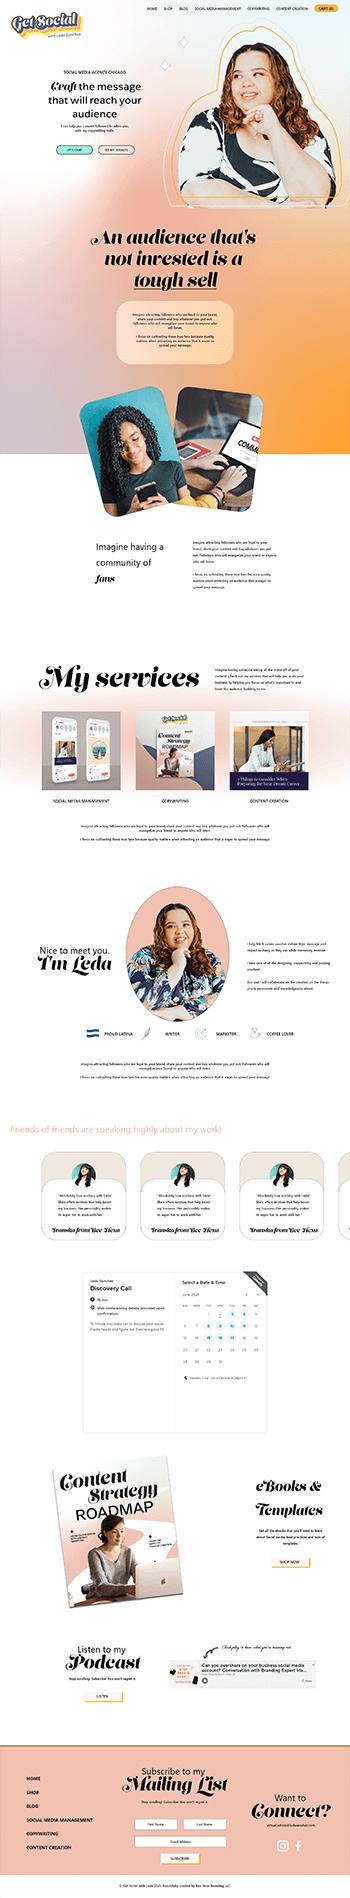 Webflow Design Get Social with Leda